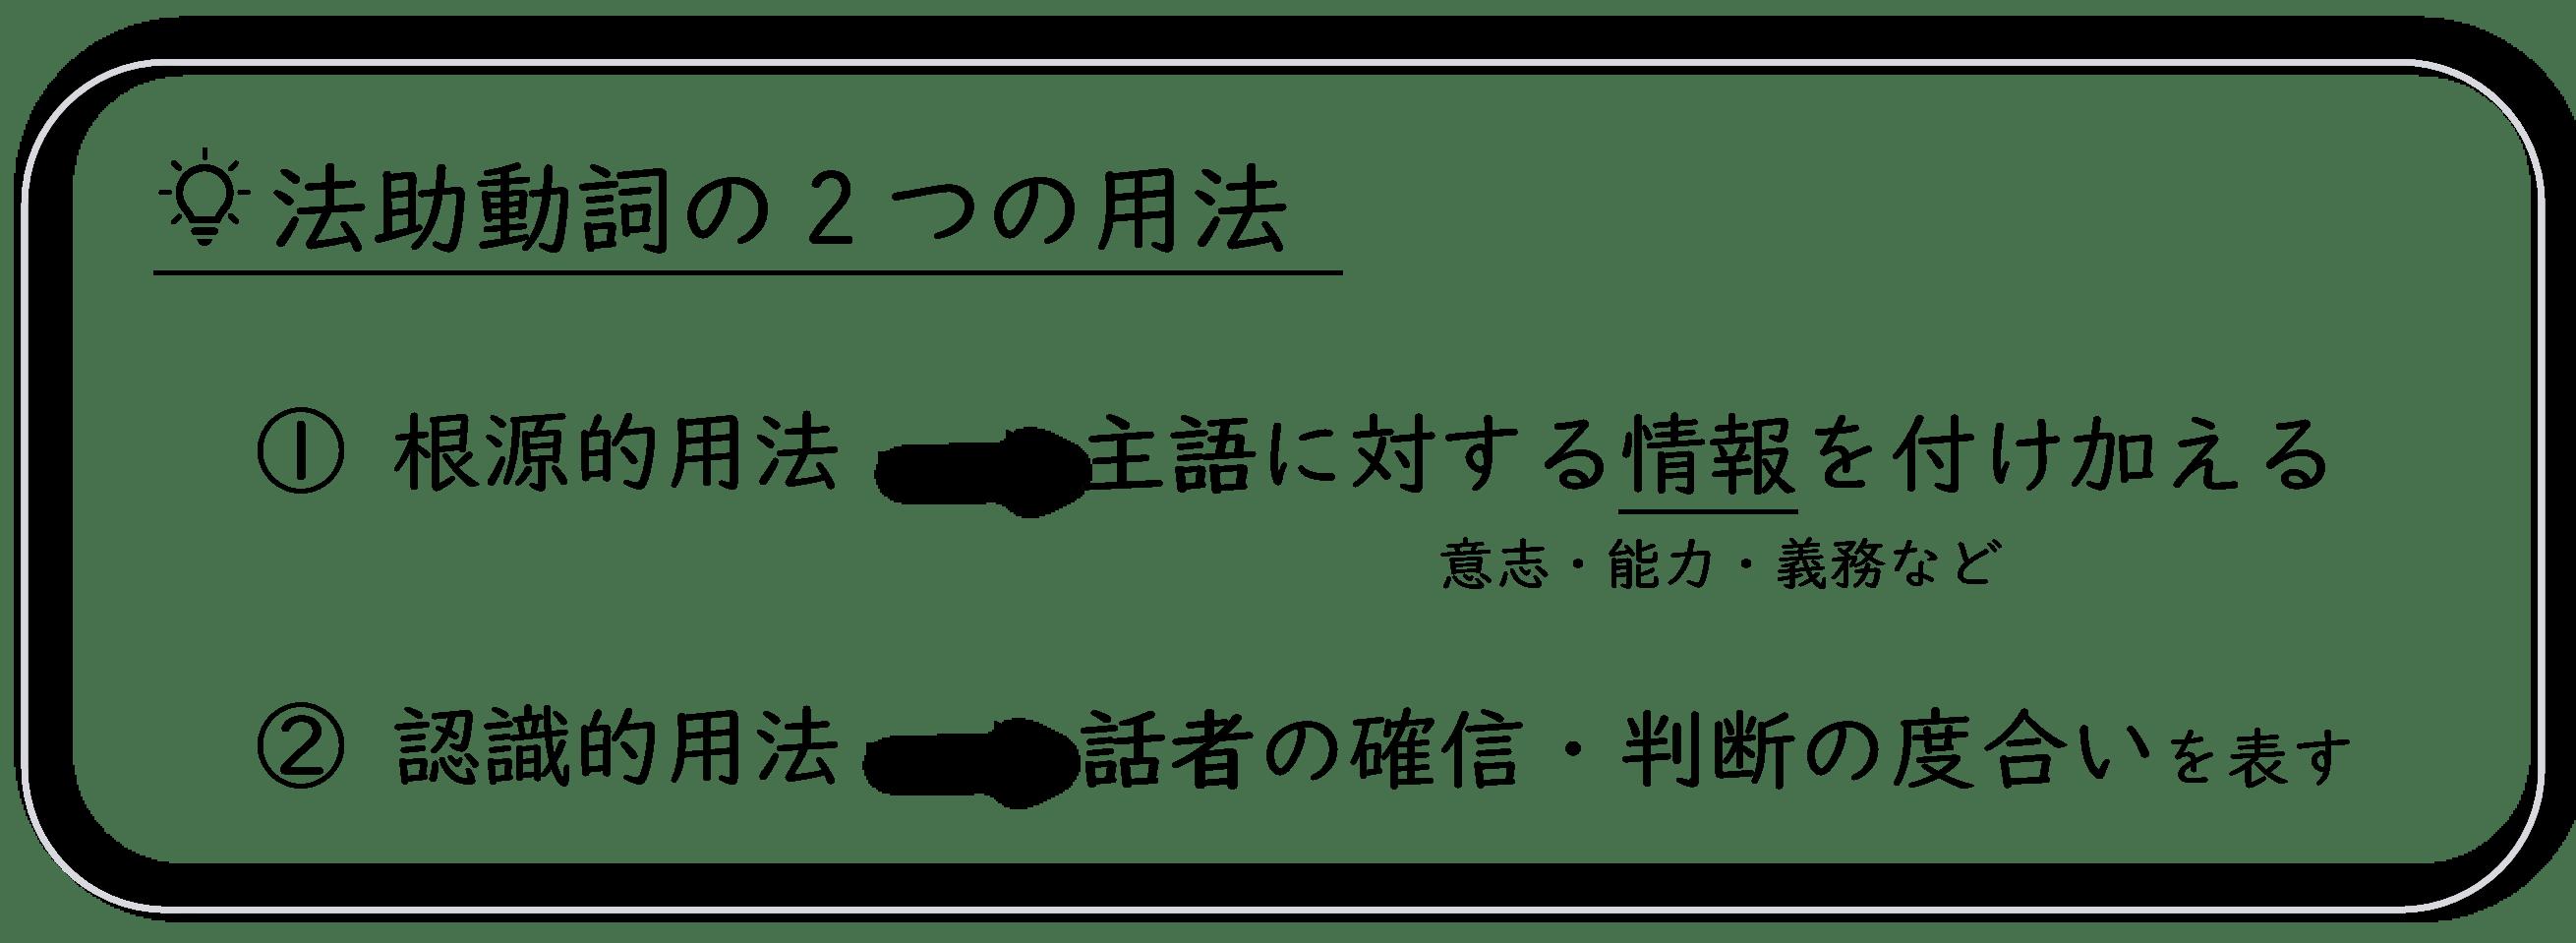 法助動詞の2つの用法